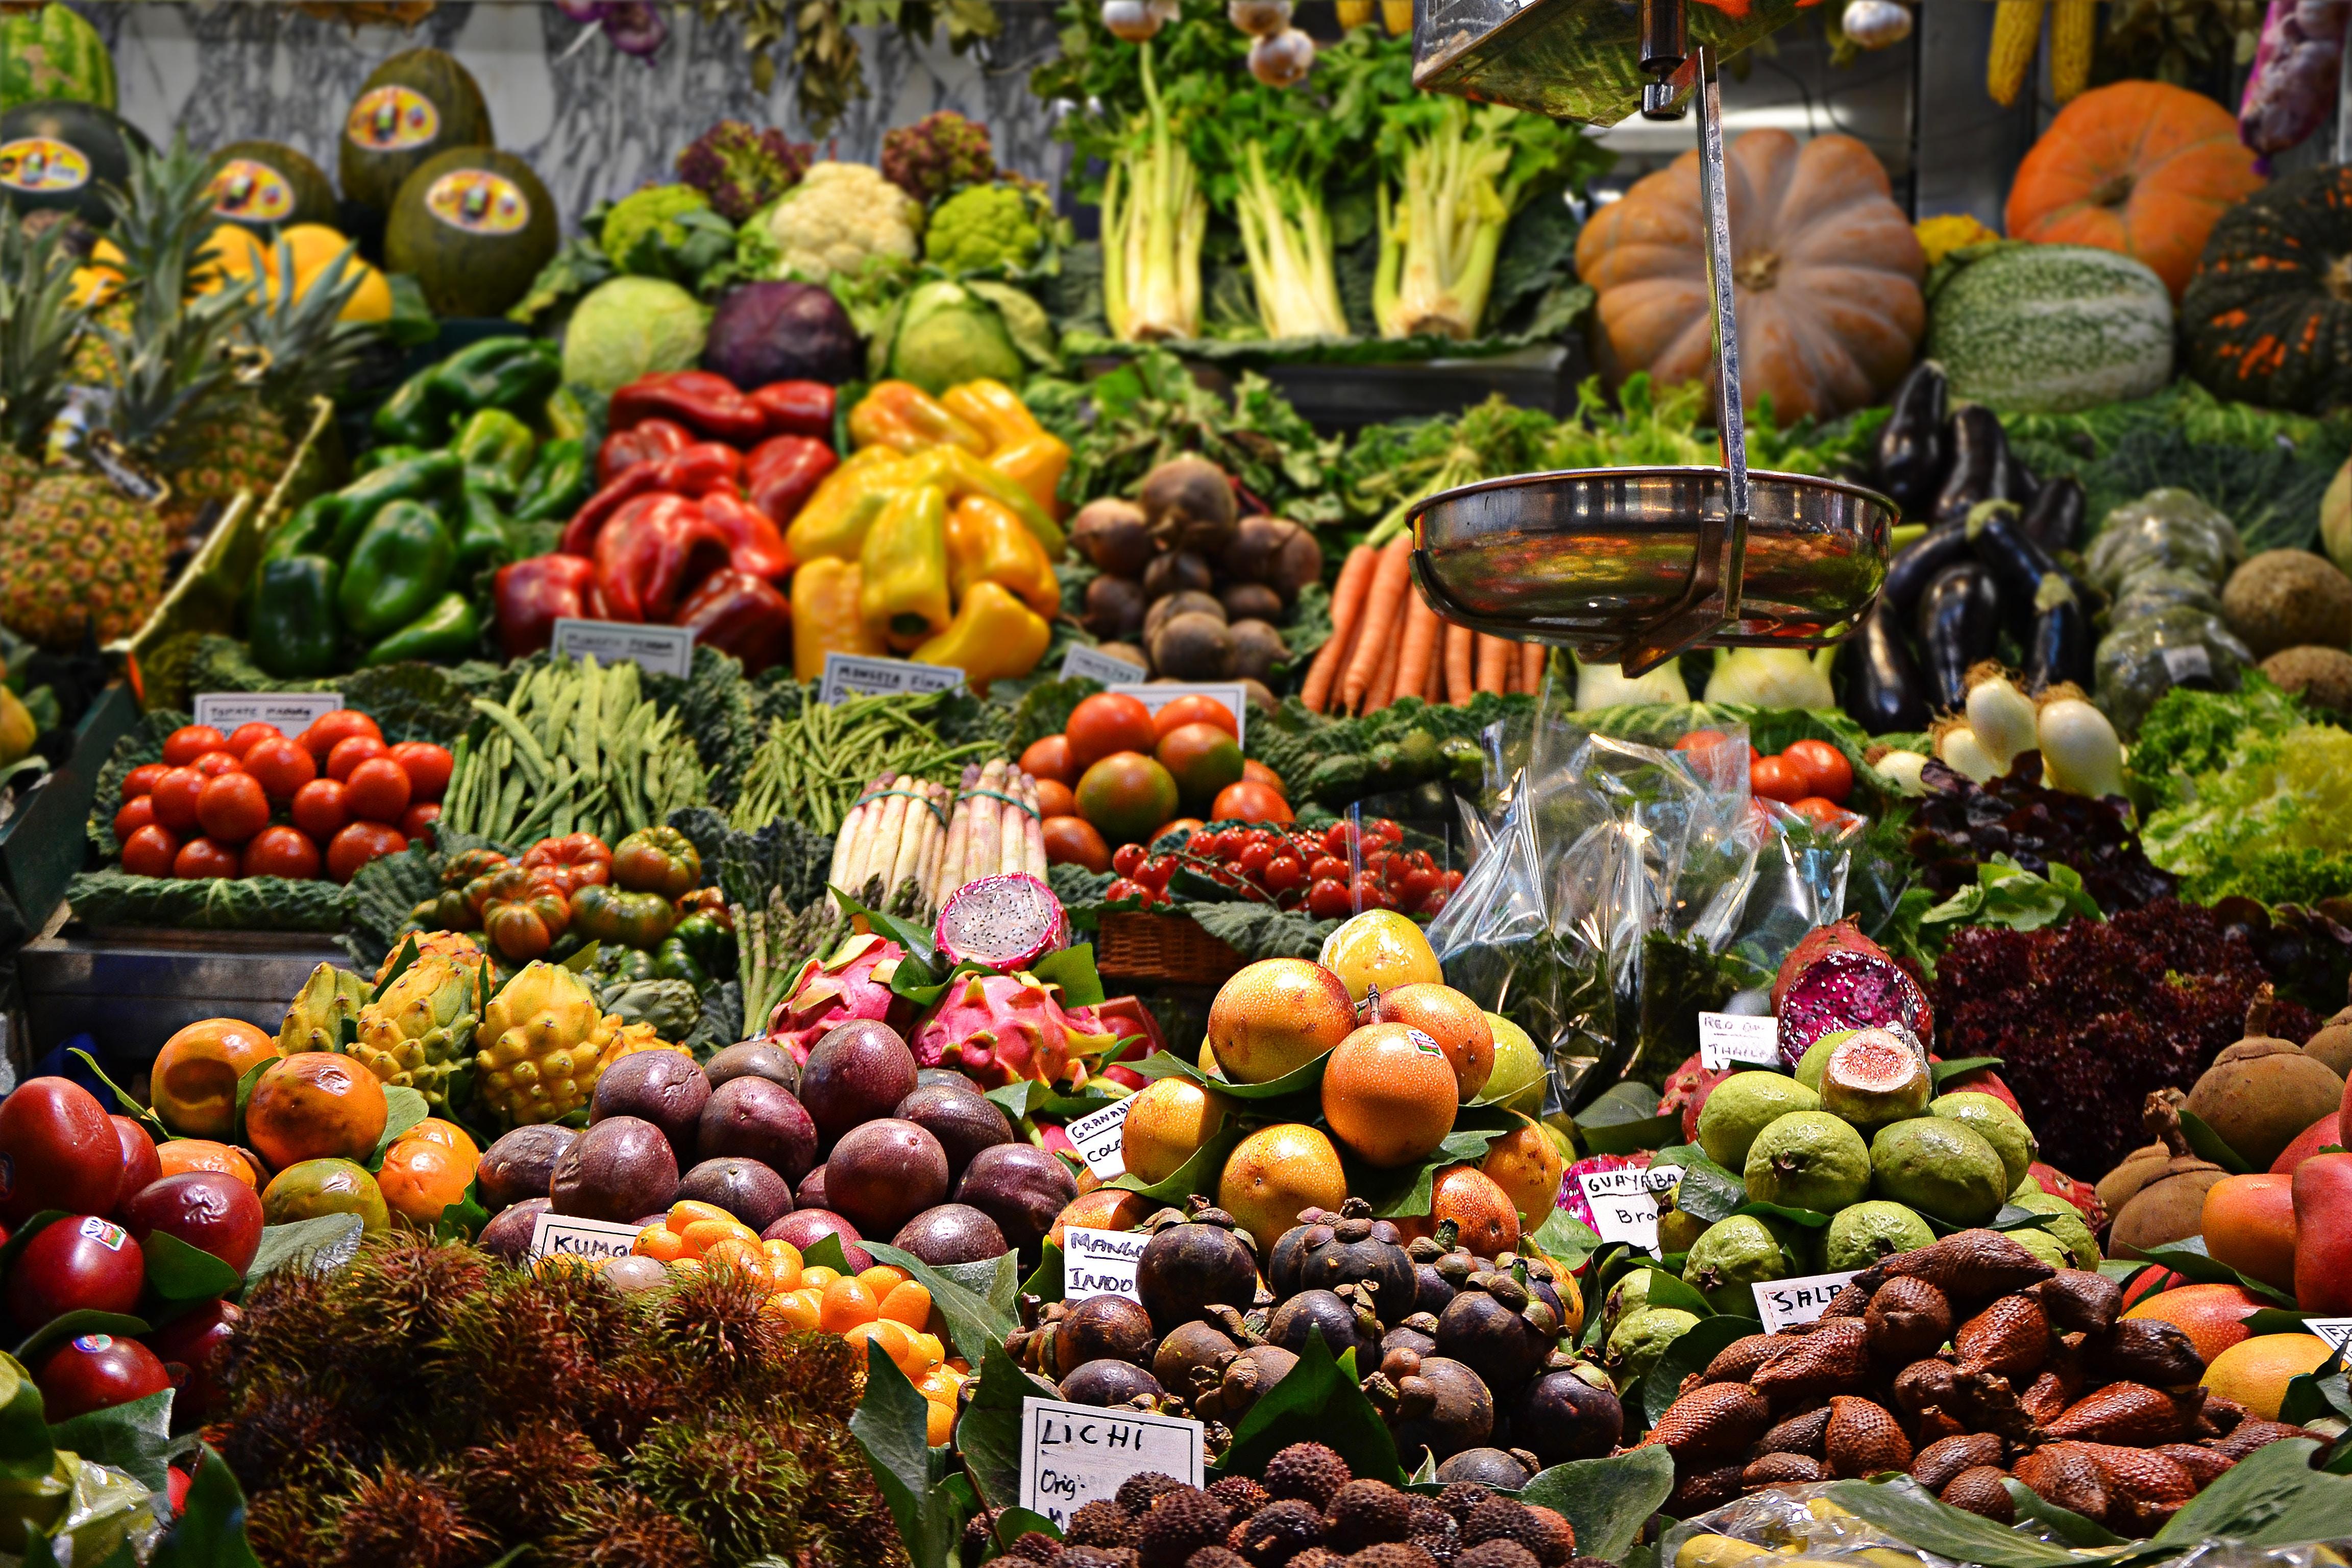 Ein Marktstand mit frischem Obst und Gemüse